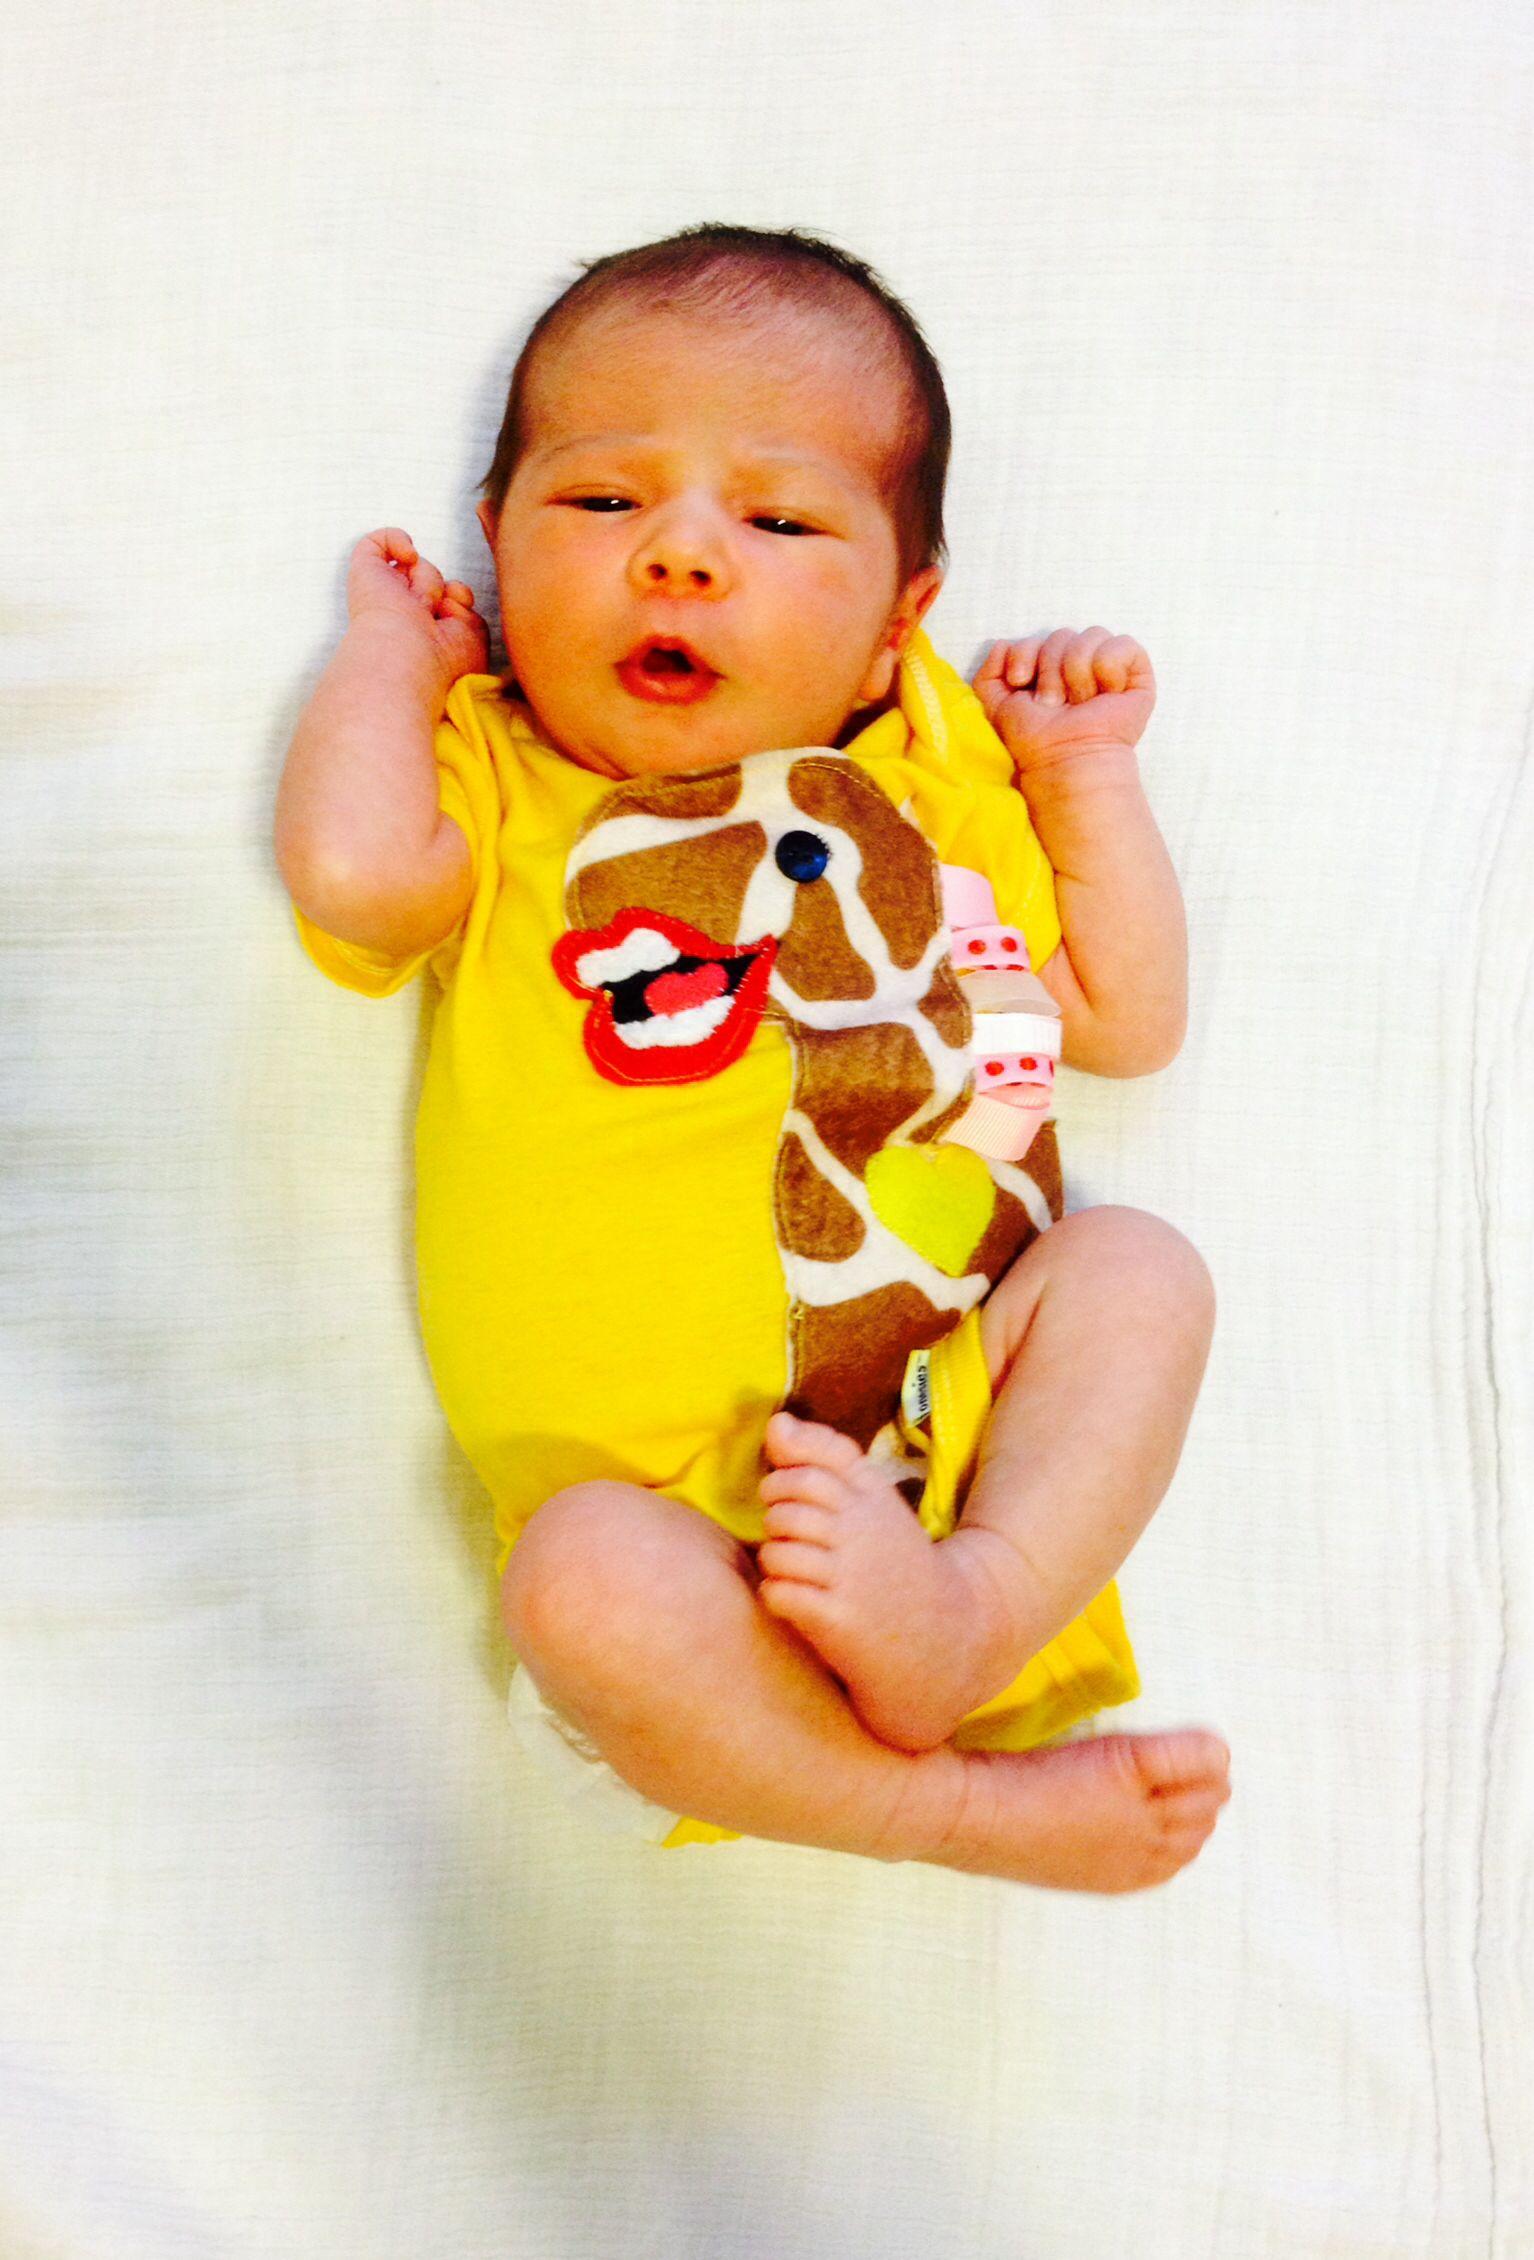 Hand-dyed and handmade giraffe yellow onesie